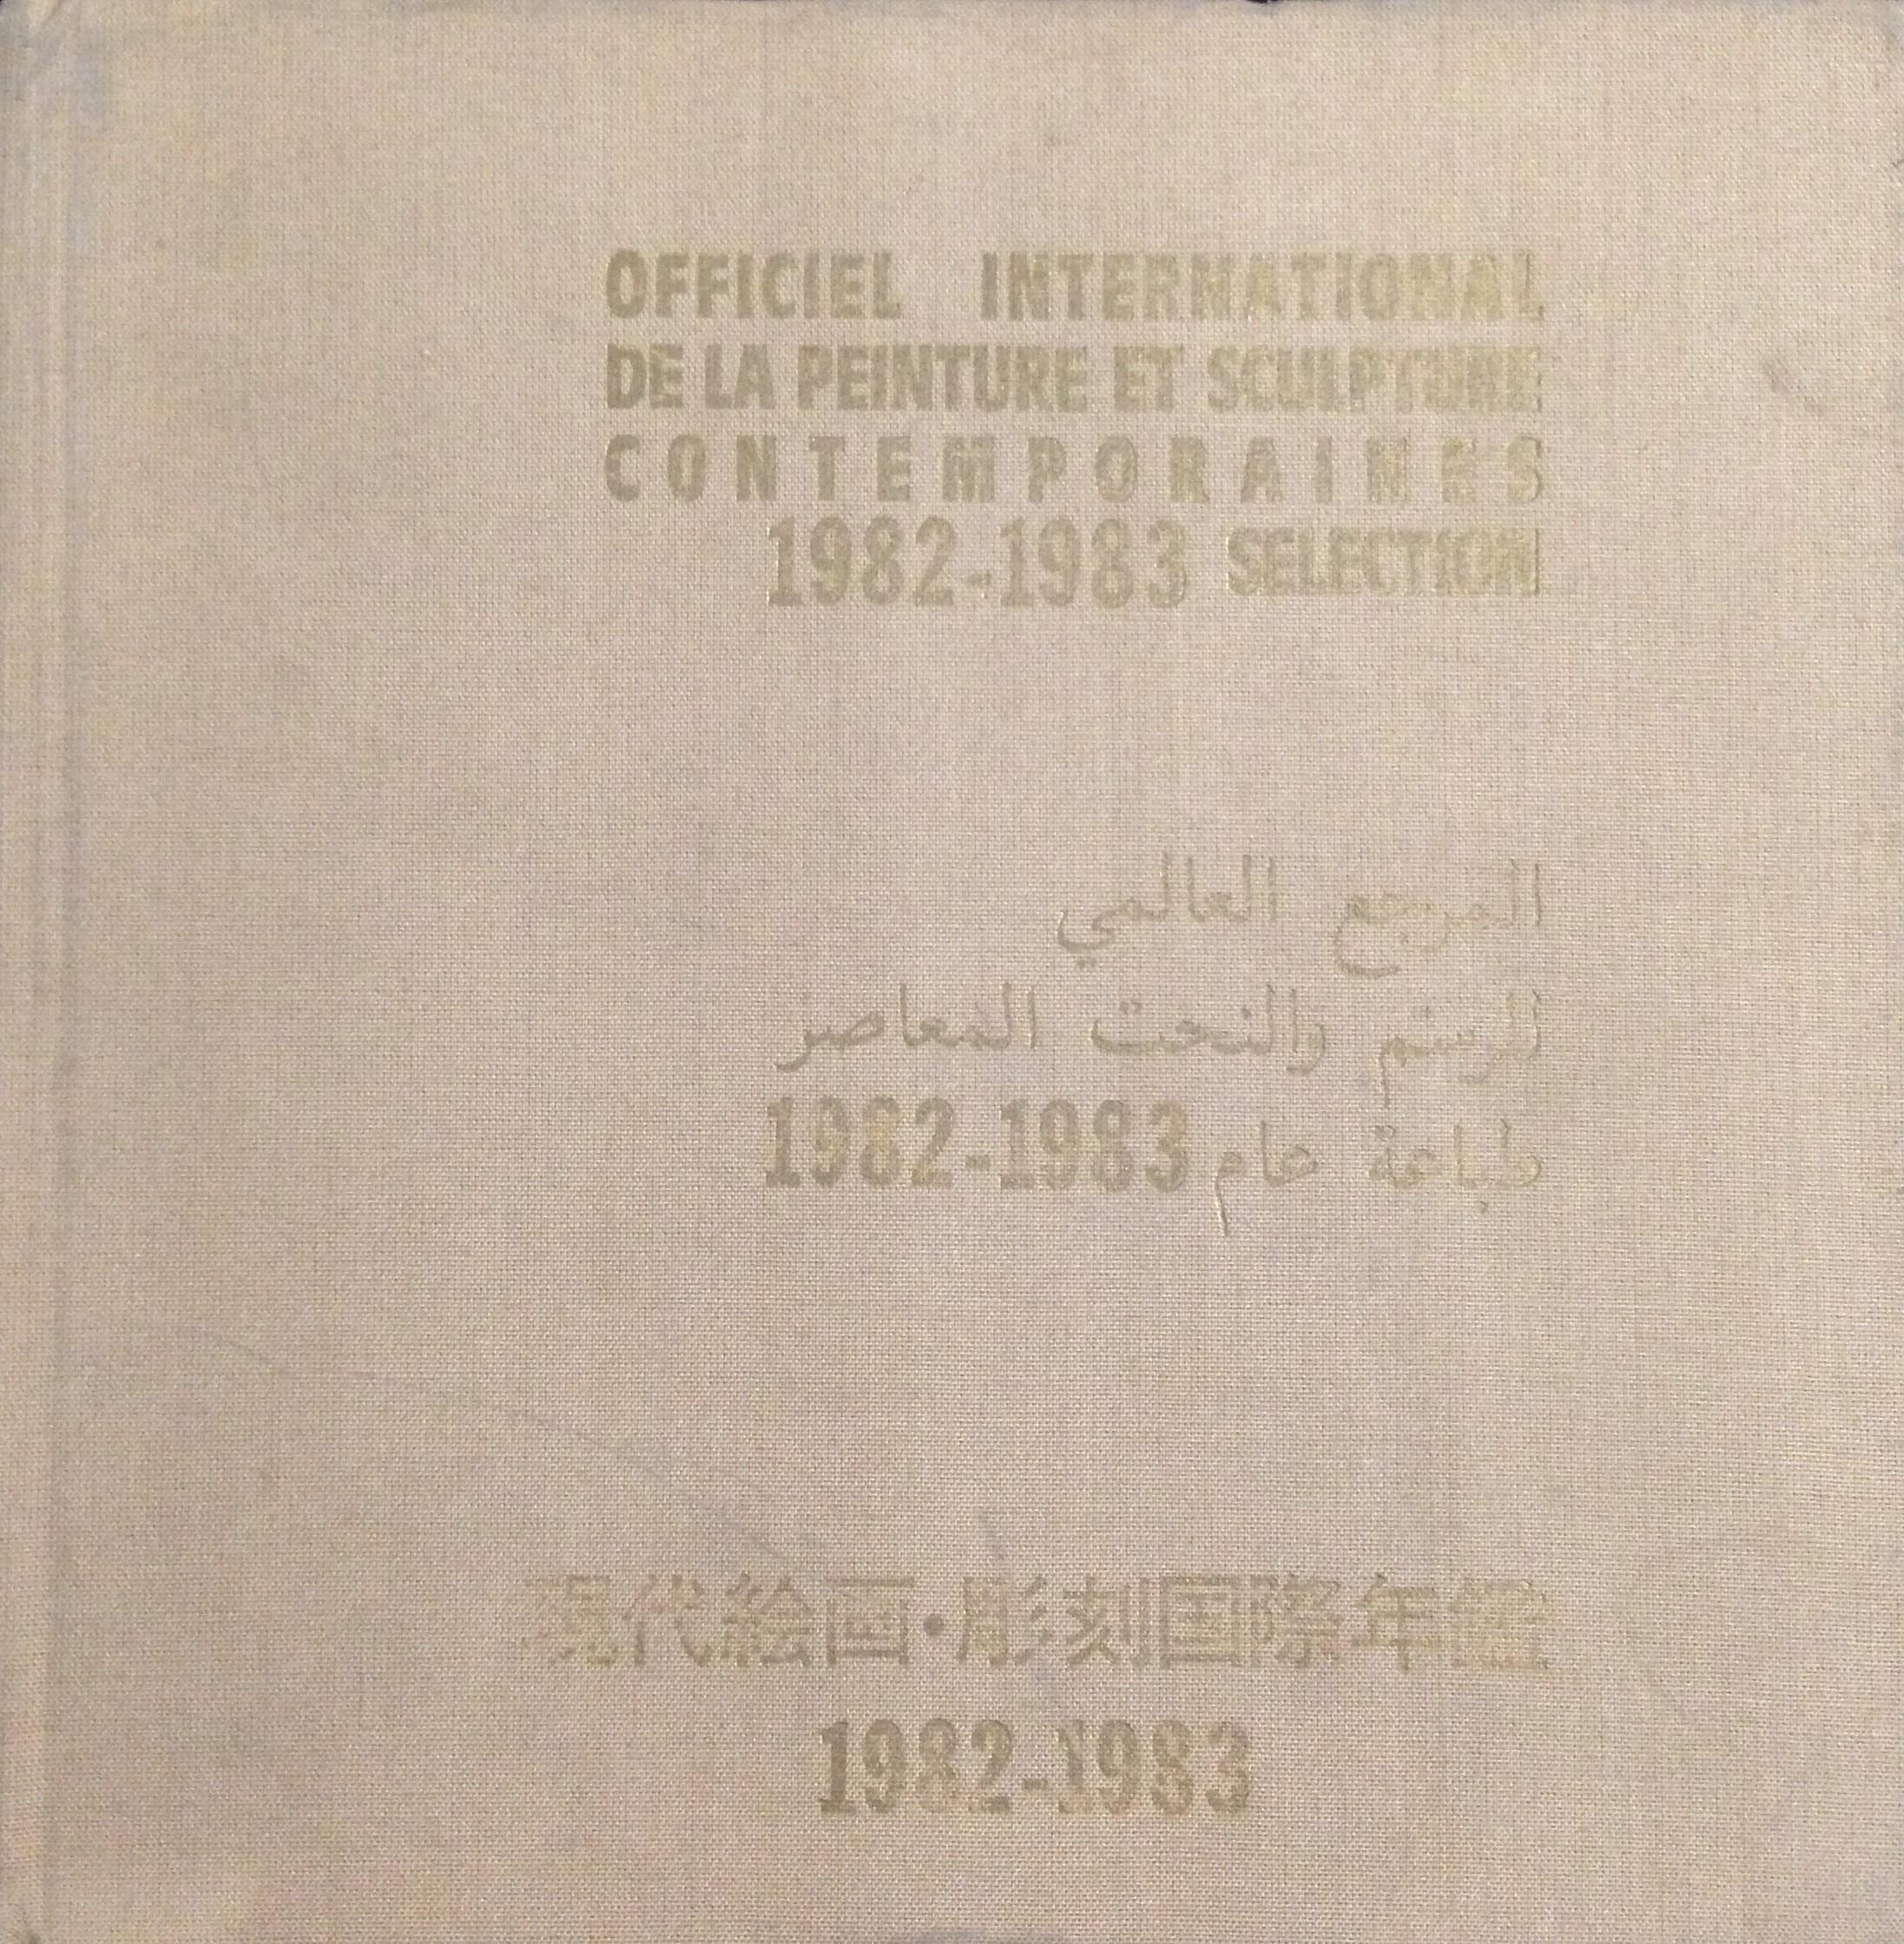 Officiel international de la peinture et sculpture contemporaines 1982-1983